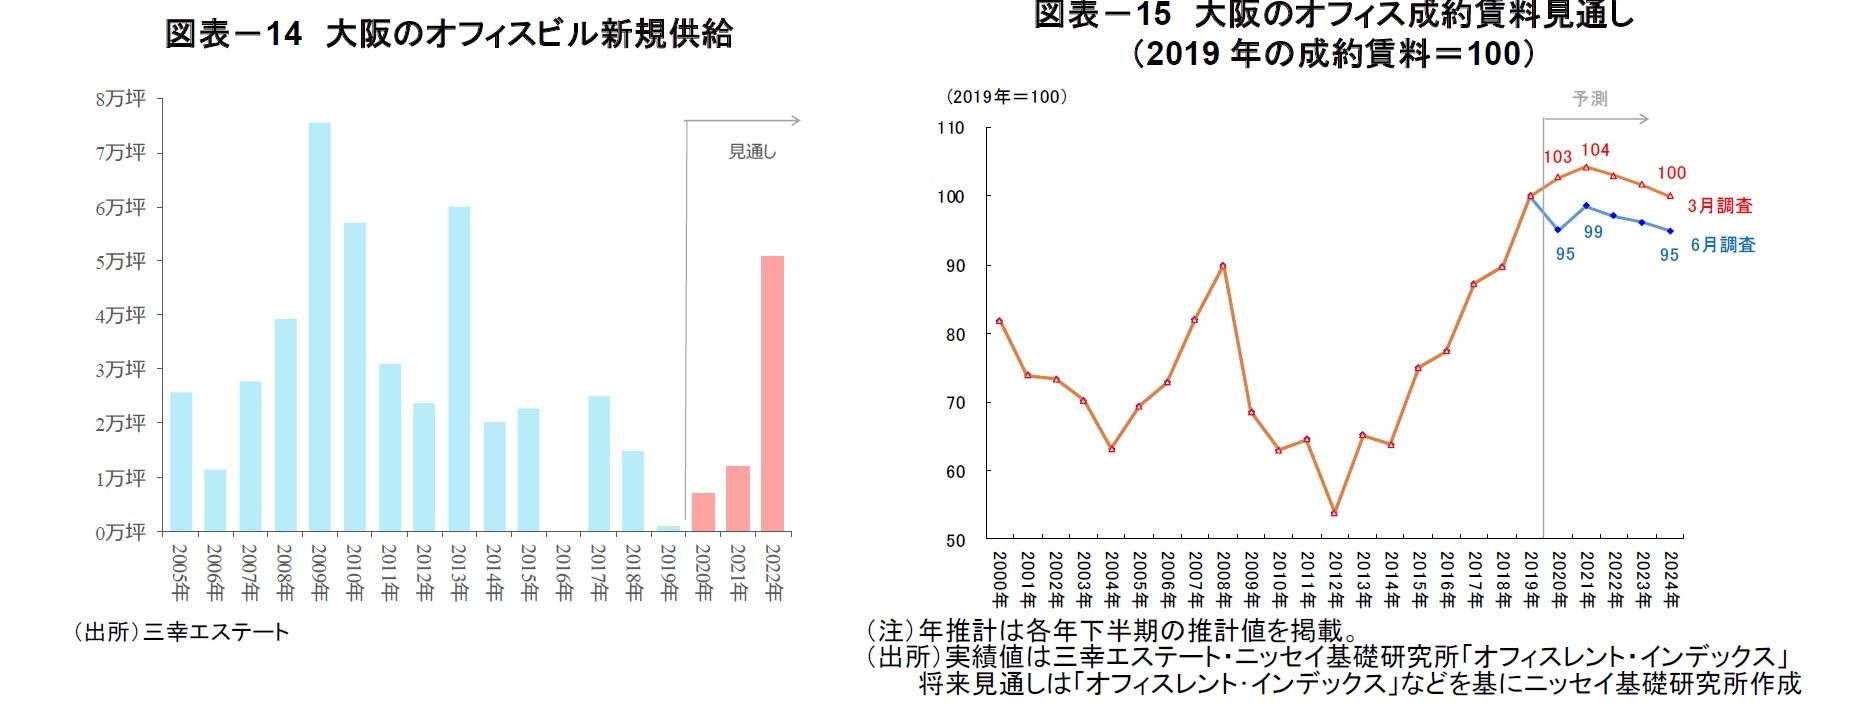 図表-14 大阪のオフィスビル新規供給/図表-15 大阪のオフィス成約賃料見通し(2019 年の成約賃料=100)